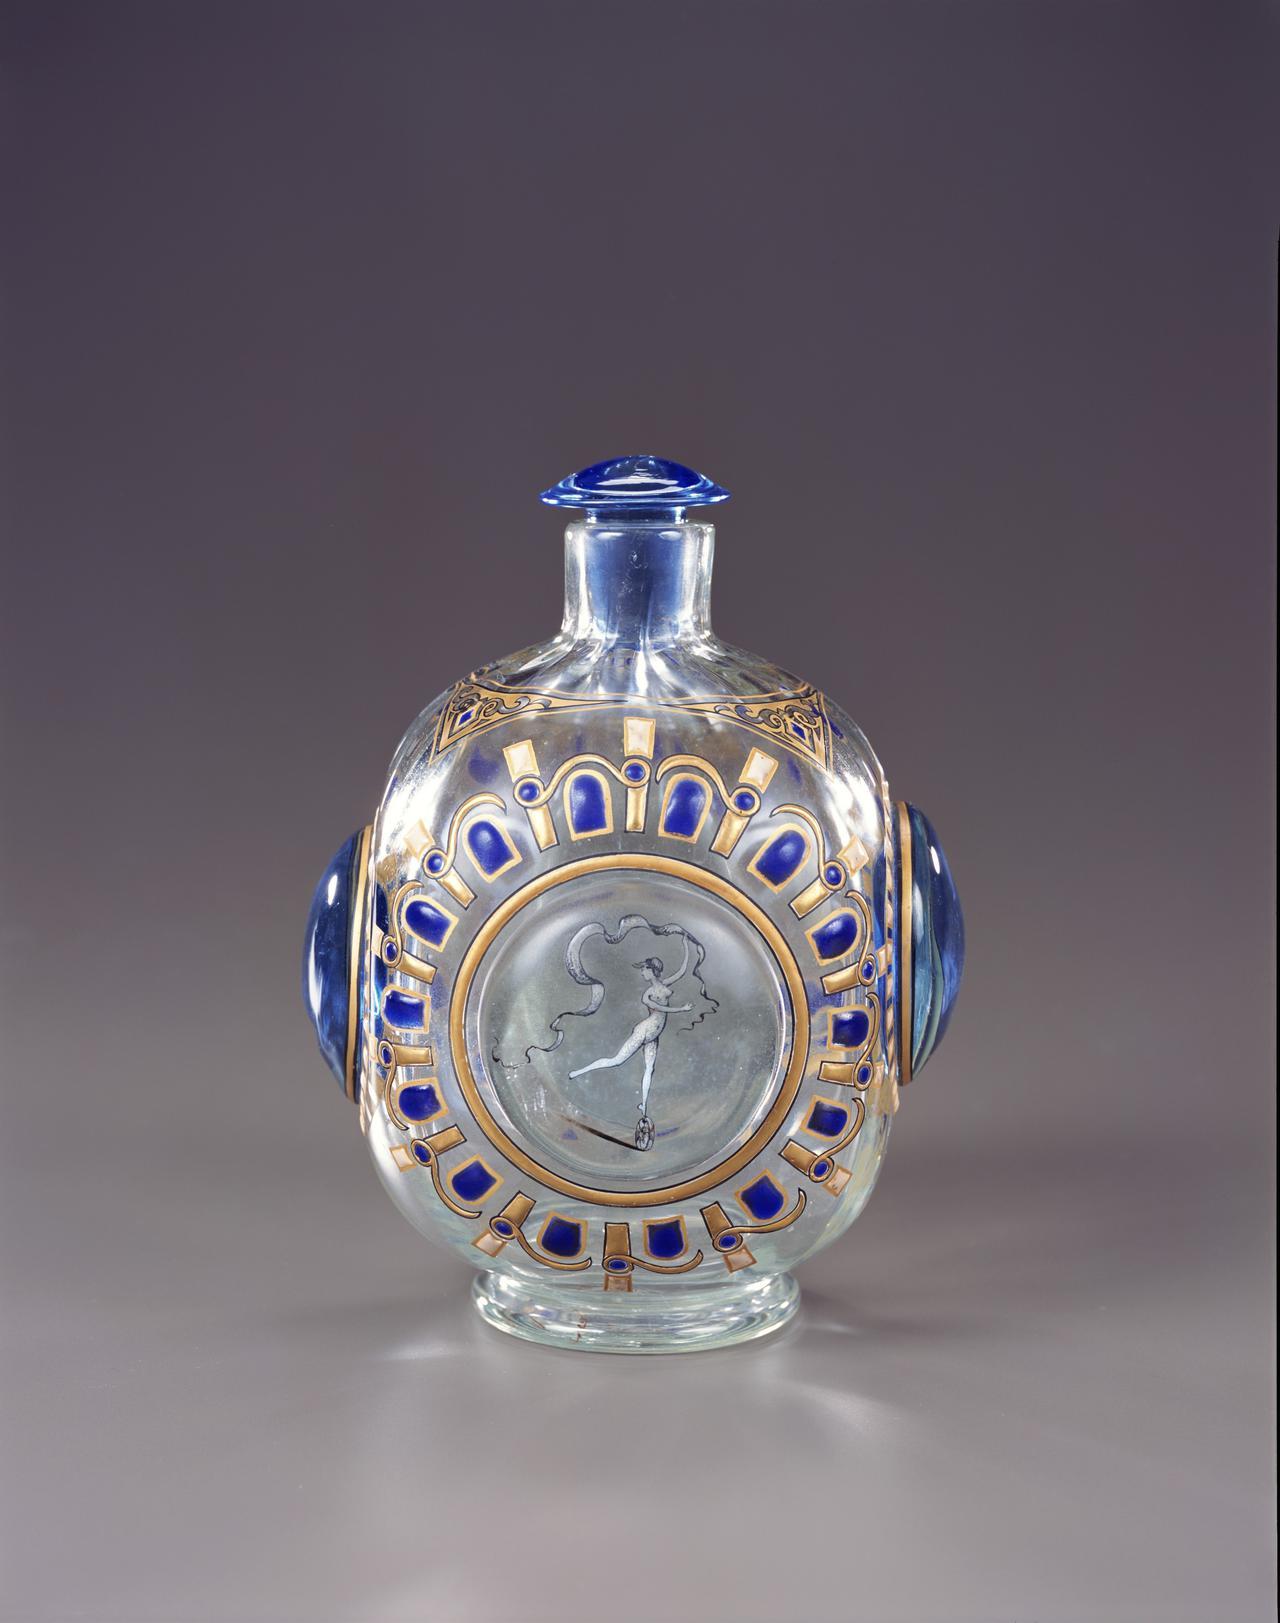 画像: 《女神文香水瓶》 エミール・ガレ 1884年  ガラス  ポーラ美術館蔵